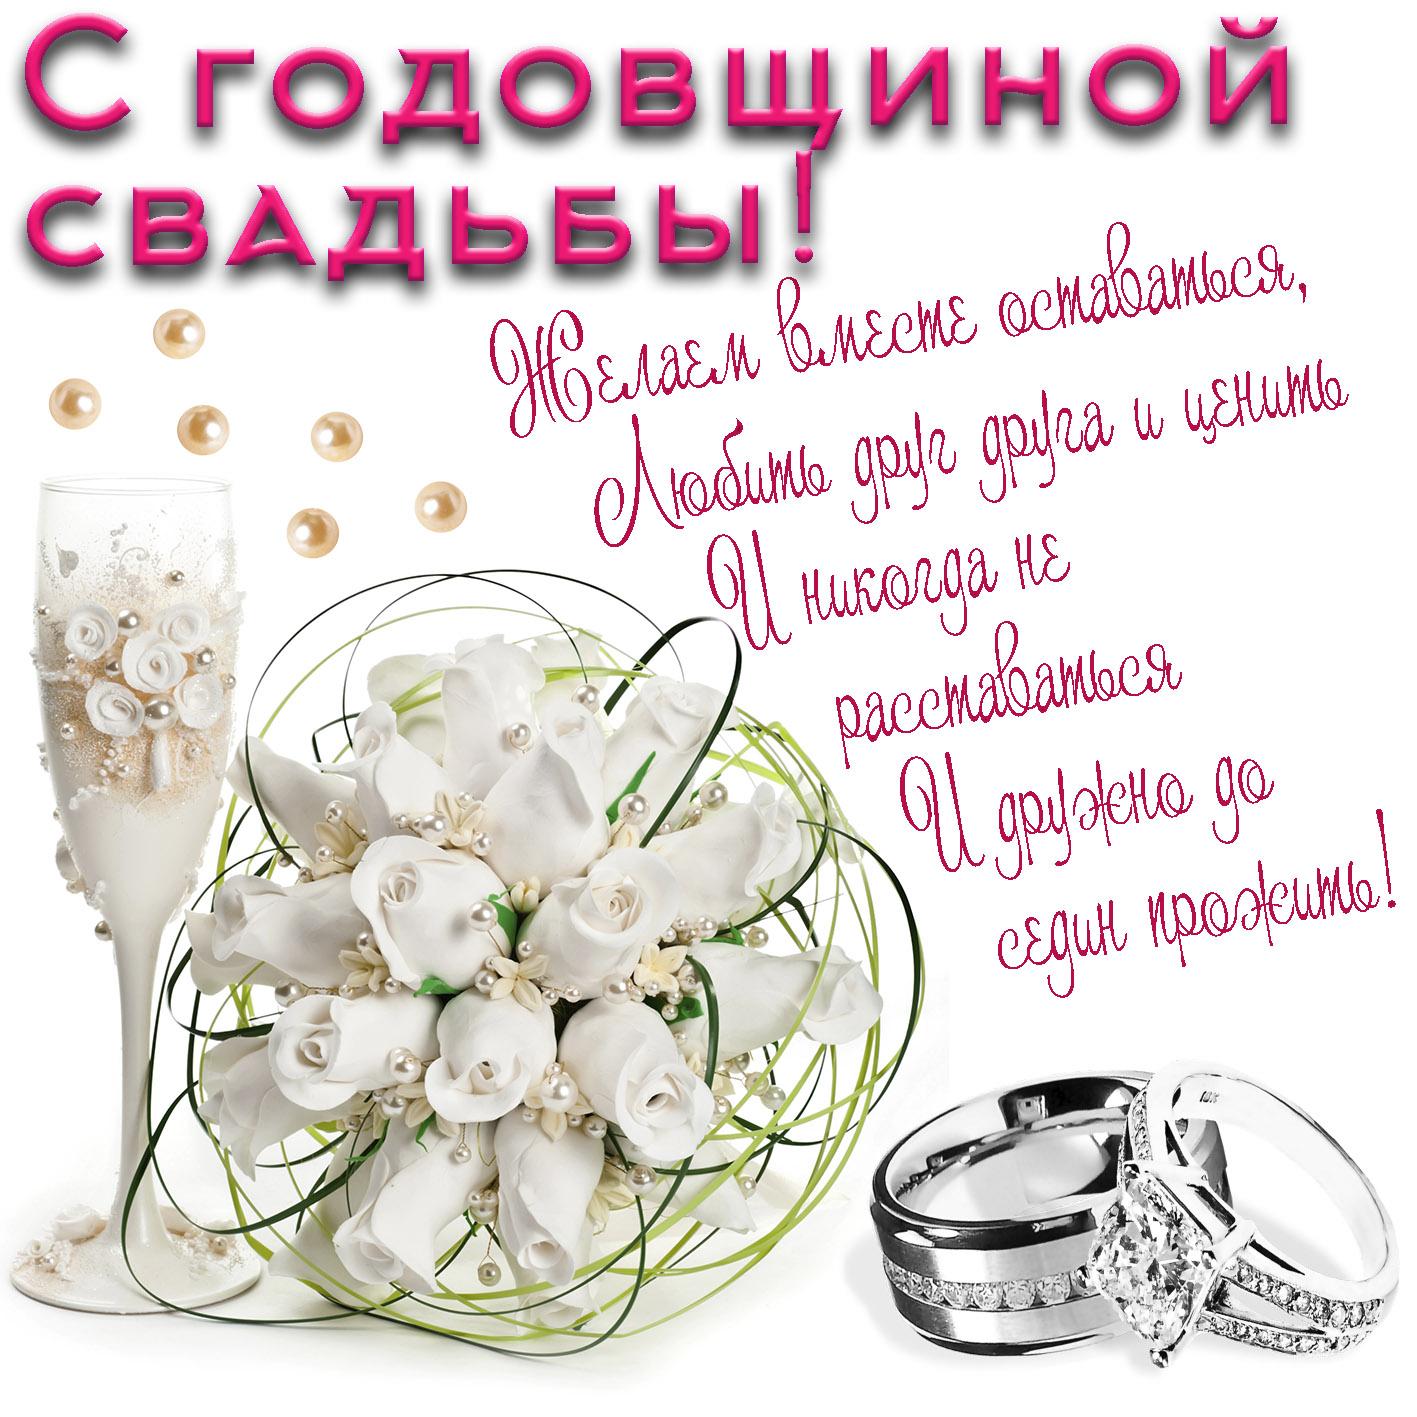 Картинки дню, открытки к годовщине свадьбы от детей